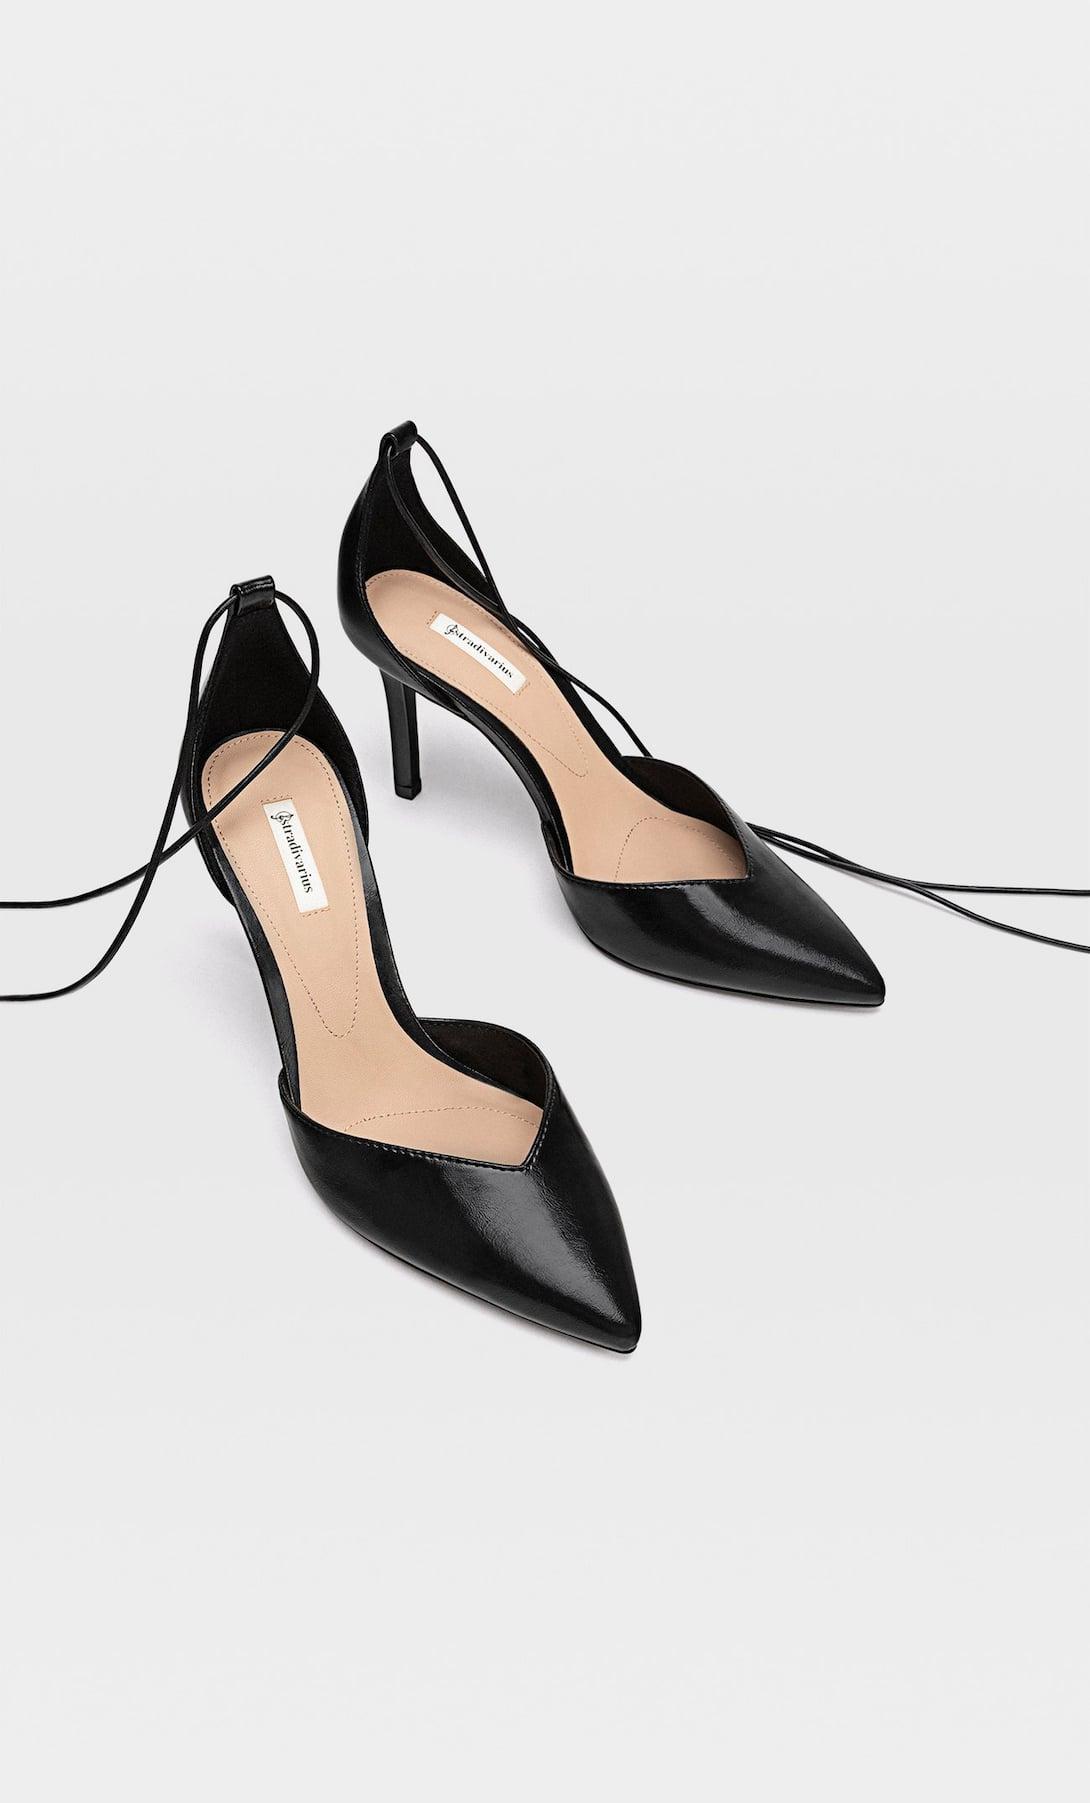 Estos 4 zapatos de tacón elegantes de Stradivarius se venden de rebajas por menos de 10 euros